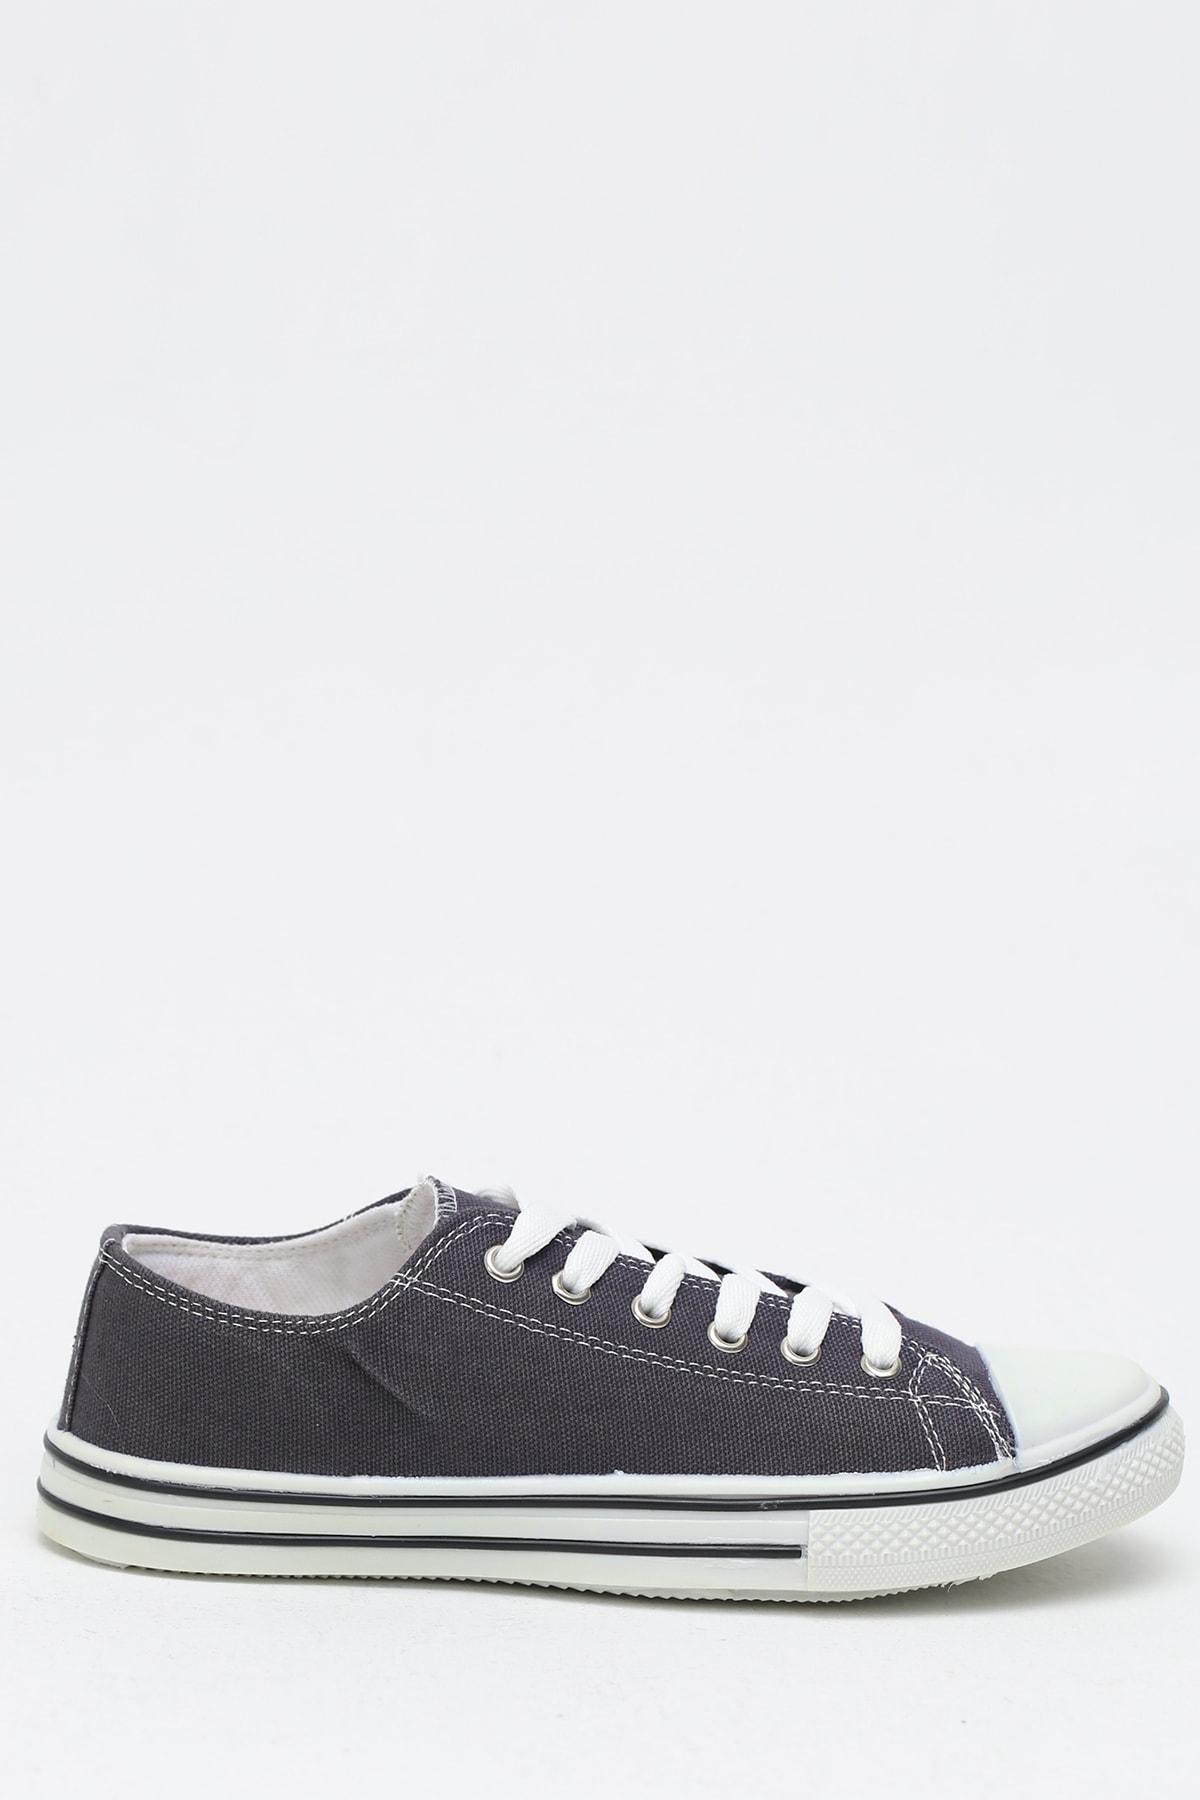 Ayakkabı Modası Füme Krem Kadın Ayakkabı M9999-19-100165R 1